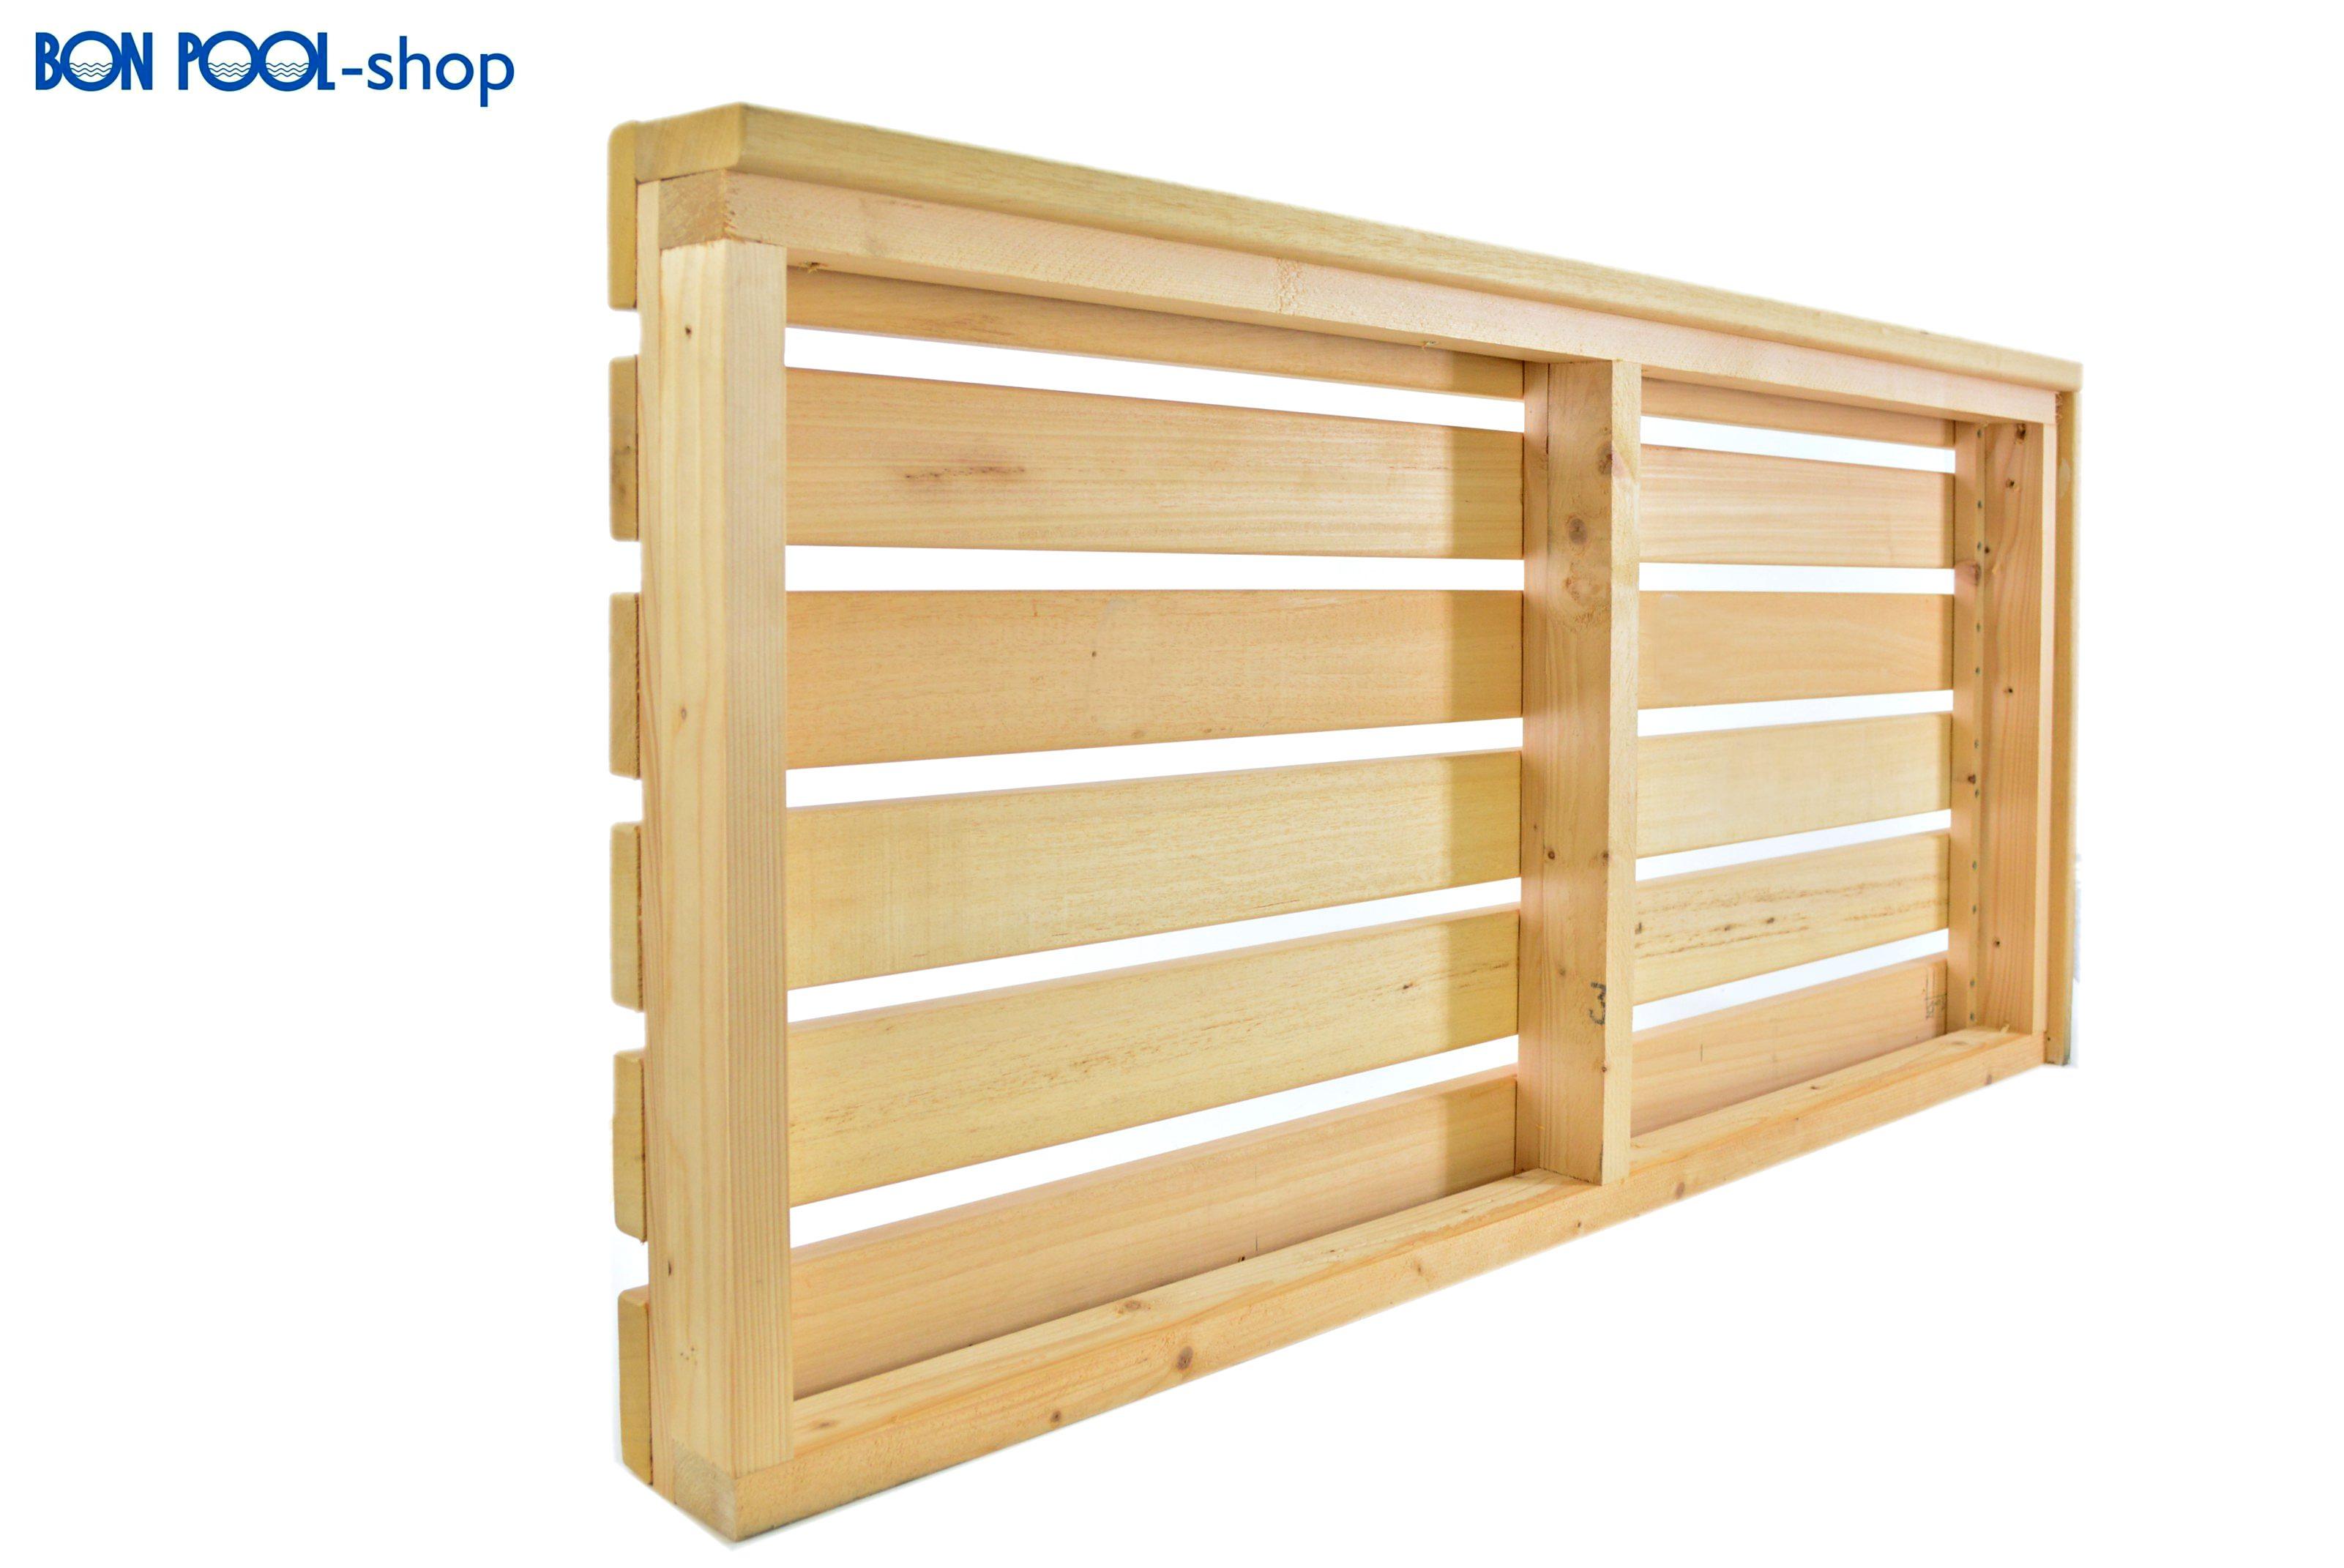 abachiholz saunabank saunaholz 1 cm bon pool. Black Bedroom Furniture Sets. Home Design Ideas